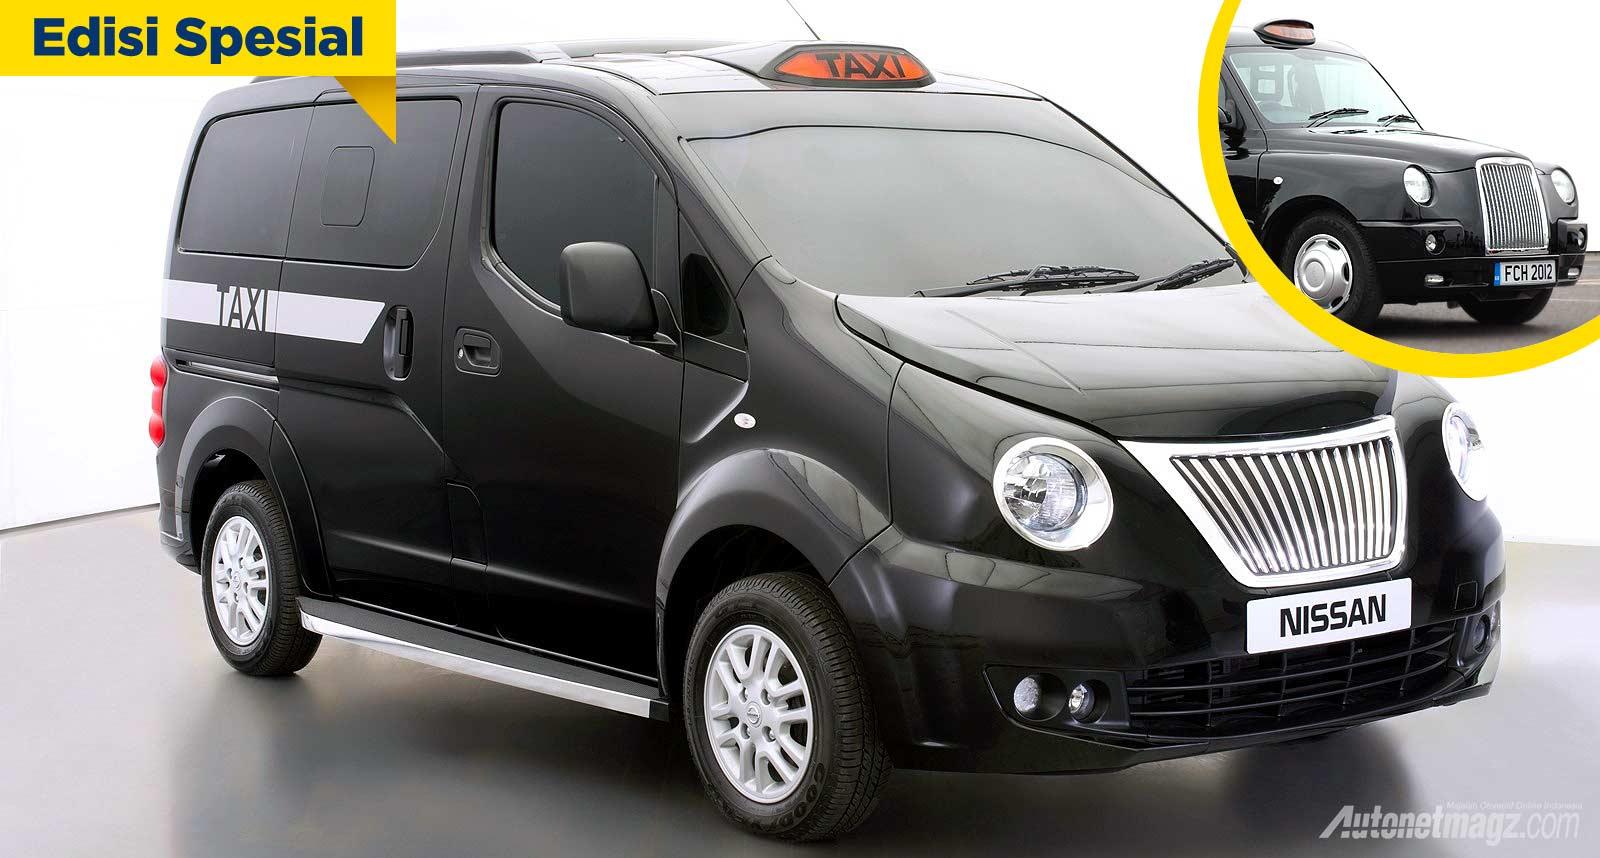 Nissan Evalia taksi London